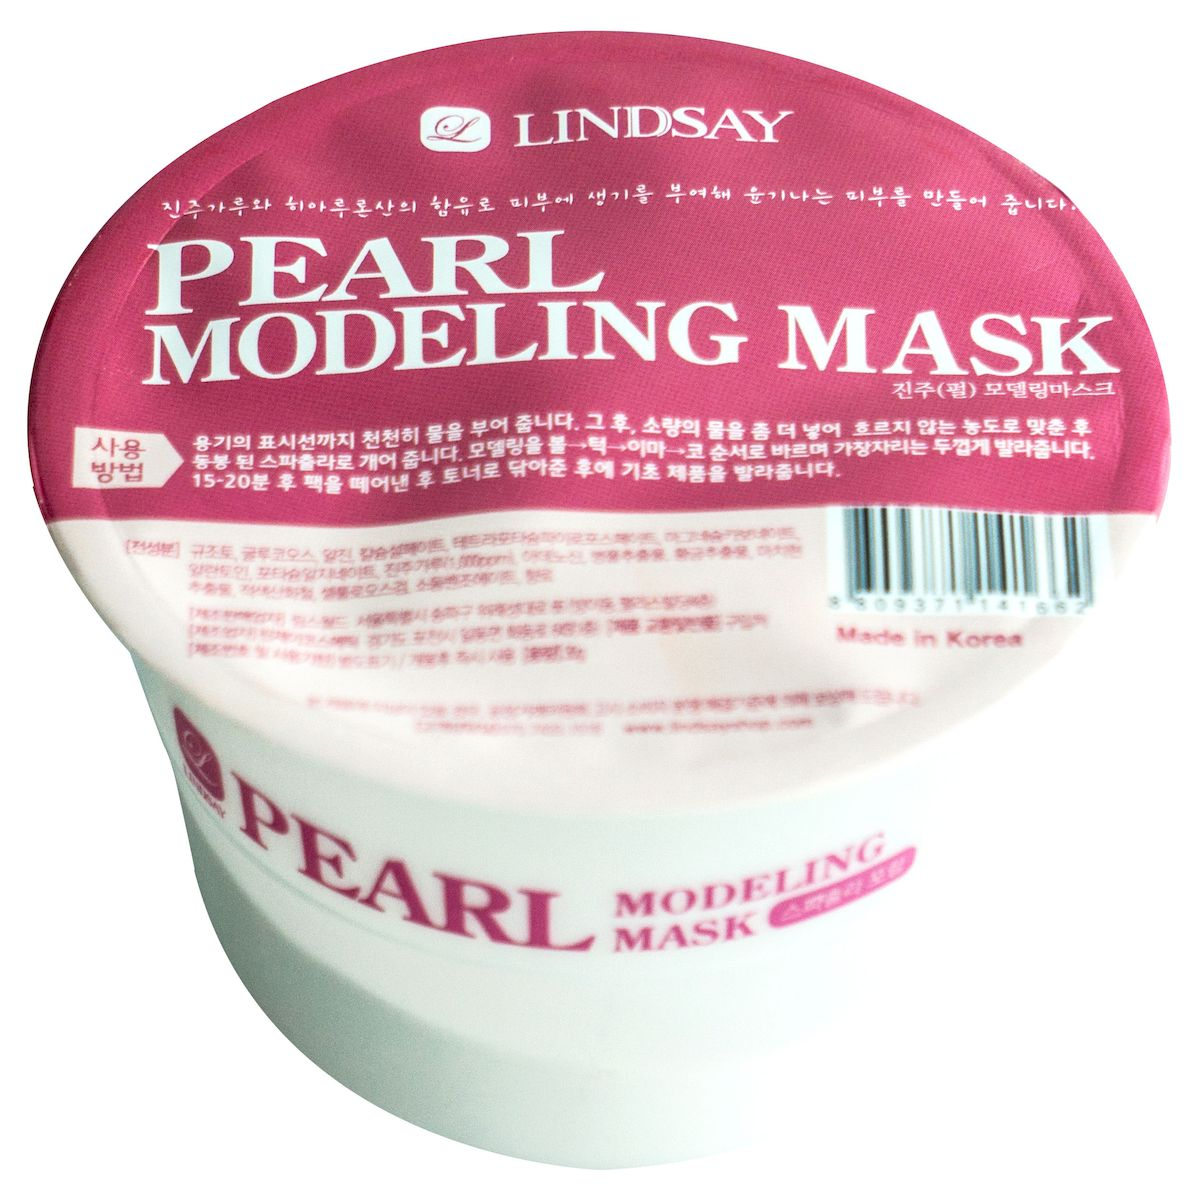 Lindsay Моделирующая альгинатная маска для лица, с жемчужной пудрой, 30 г5292452002915Альгинатные маски – популярное в салонах косметическое средство, основа которого – альгин, способствует более глубокому и эффективному проникновению активных компонентов в слои кожи. Жемчужная пудра помогает активной регенерации клеток, защищает от образования пигментных пятен. Насыщает кожу необходимыми минералами и микроэлементами, улучшая ее структуру.Способ применения: 1. Залейте содержимое упаковки водой до установленной метки (линия по периметру упаковки) 2. Размешайте до образования однородной гелеобразной массы 3. Нанесите маску на лицо 3. Оставьте на лице на 15-20 минут 4. Начиная с нижнего края, аккуратно удалите маску с лица.Меры предосторожности: при возникновении раздражения прекратите использование и обратитесь к дерматологу. При попадании продукта в глаза обильно промойте их водой. Храните в защищенном от прямых солнечных лучей месте, недоступном для детей.Состав: Диатомовая земля, глюкоза, альгин, сульфат кальция, пирофосфат калия, карбонат магния, аллантоин, альгинат калия, жемчужная пудра (1000 ppm), аденозин, экстракт центеллы азиатской, экстракт корня шлемника байкальского, экстракт портулака огородного, CI 77491, карбоксиметилцеллюлоза, бензоат натрия, сорбат калия, отдушка.